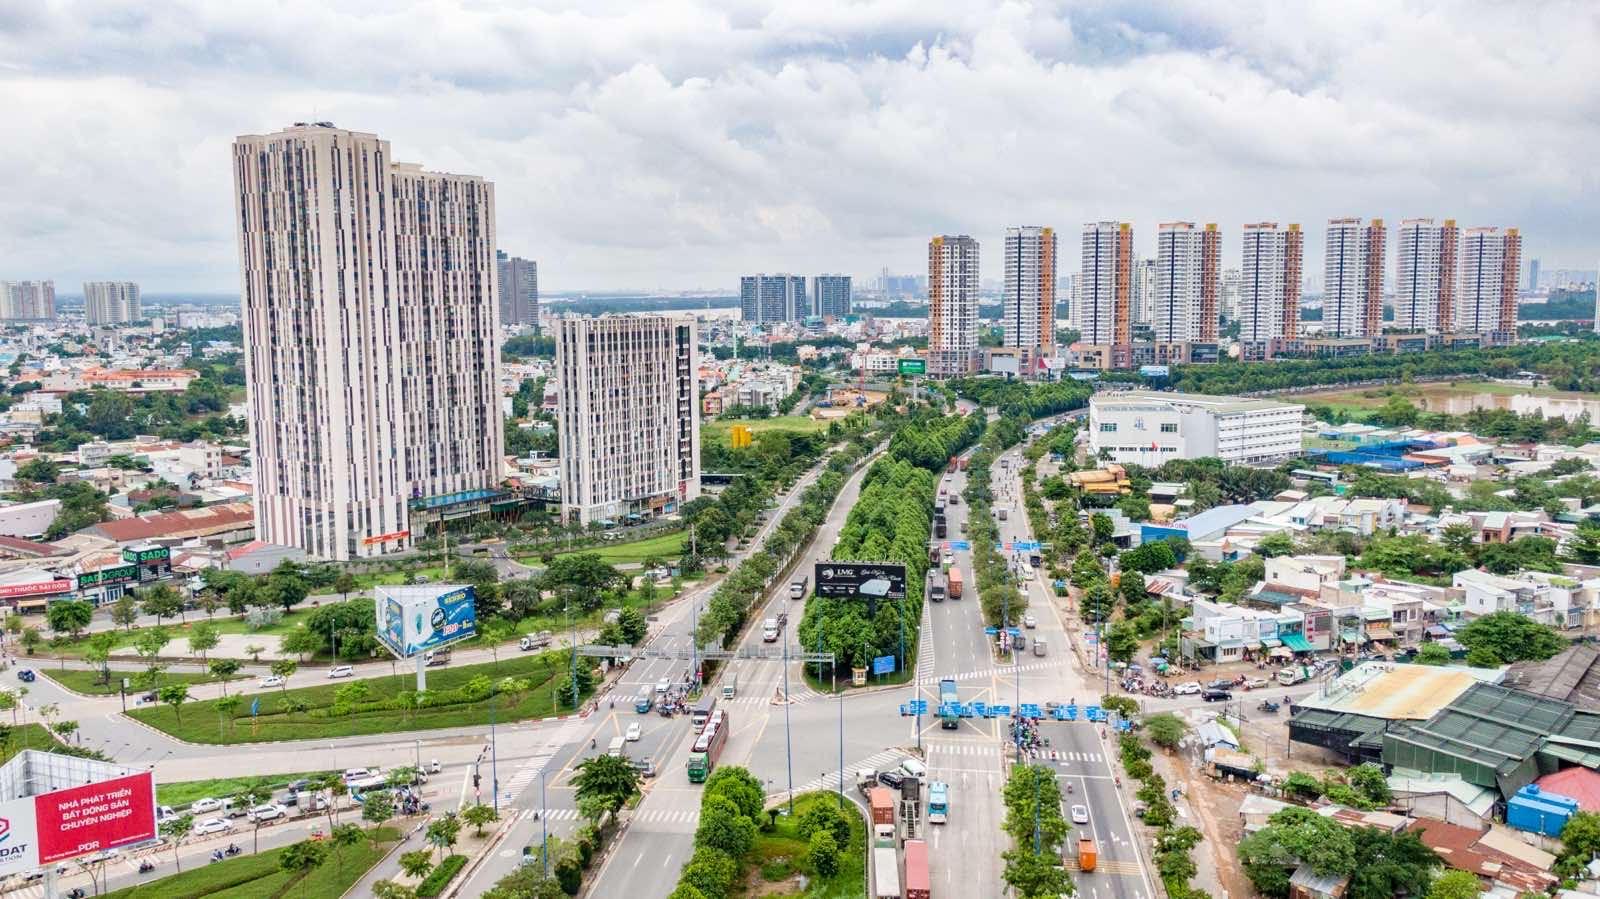 10 dấu ấn bất động sản 2020: Một năm biến động dữ dội, giá nhà đất tăng mạnh giữa tâm dịch Covid-19 - Ảnh 24.